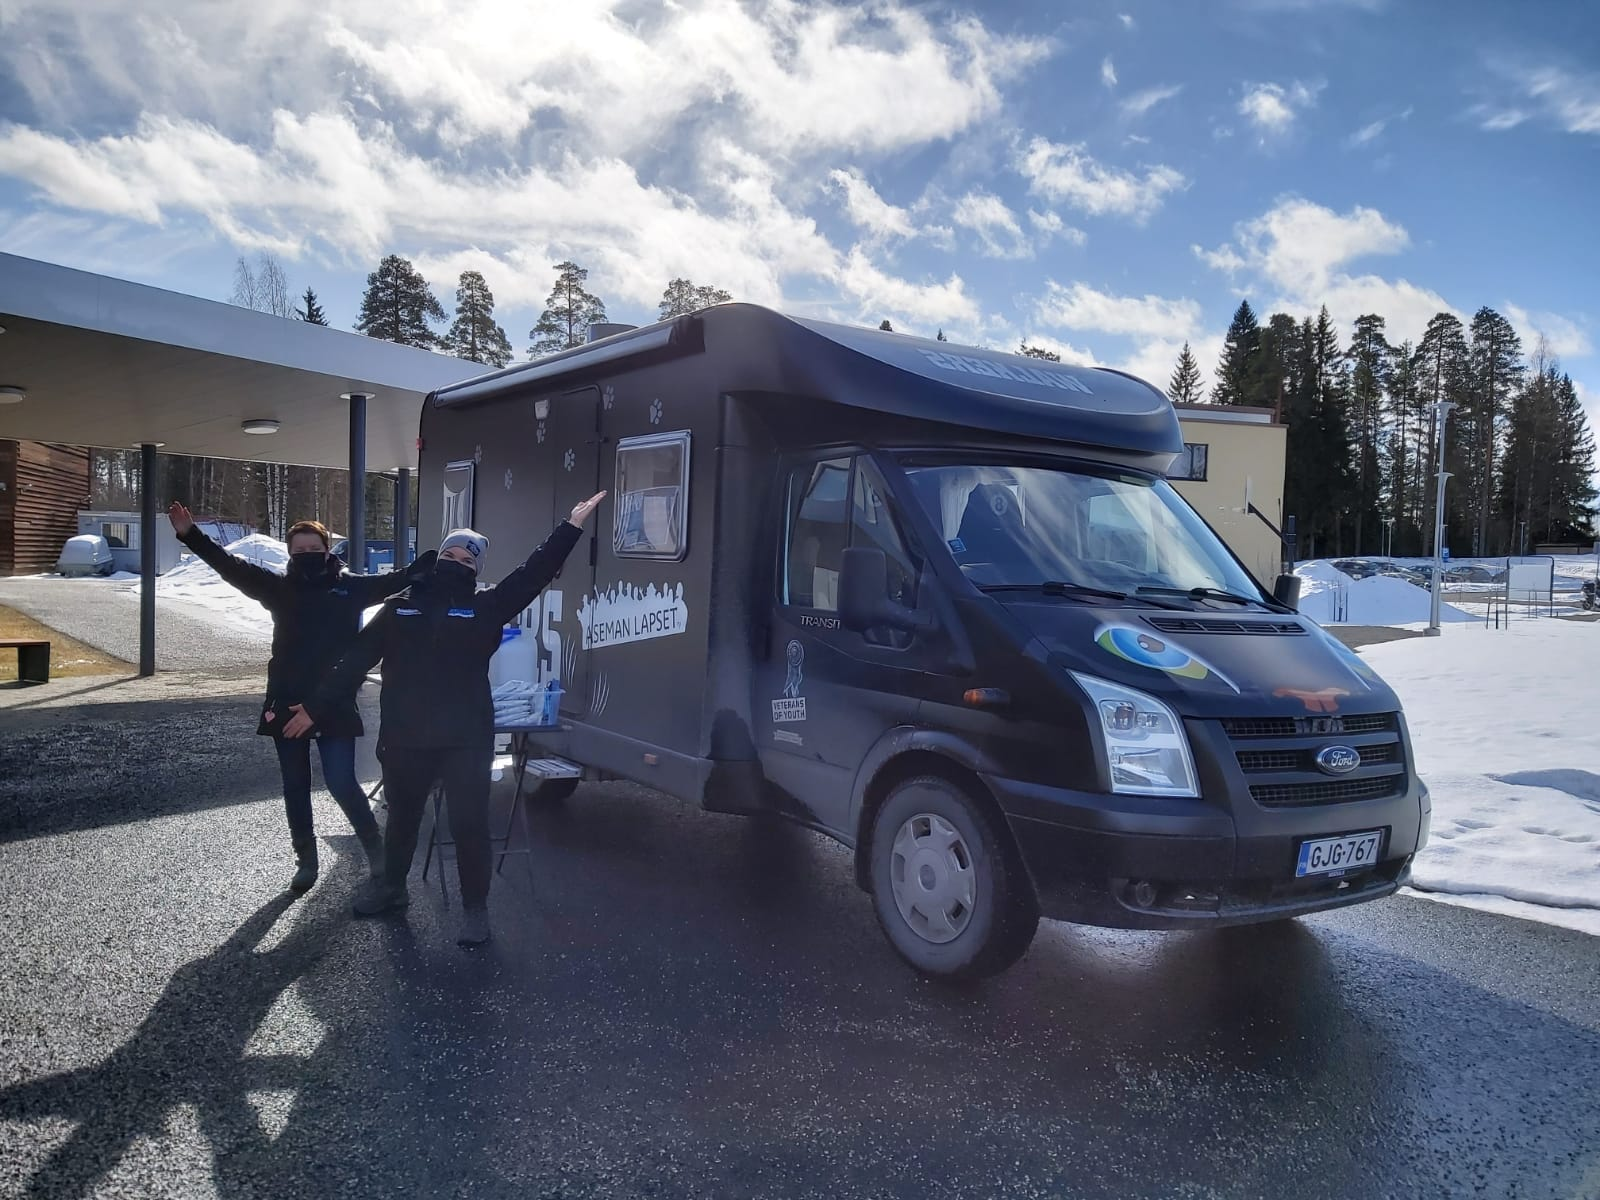 Kaksi nuorisotyöntekijää tumman matkailuauton edessä. Taaempana lumikinoksia. Kuva keväältä 2021 Varkaudesta.